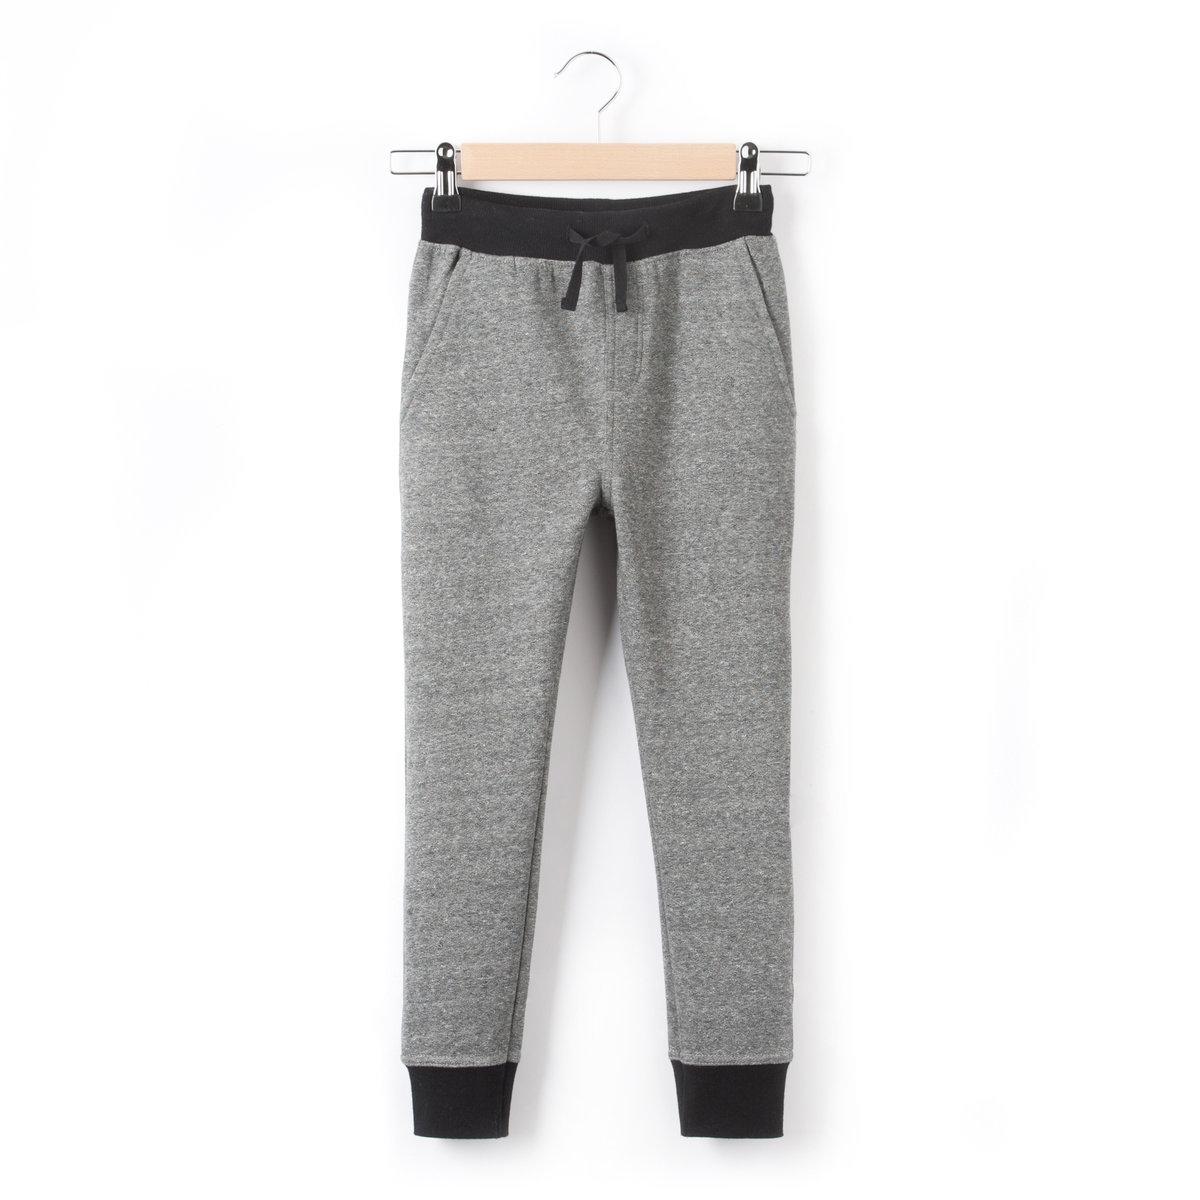 Брюки спортивныеСпортивные брюки из мольтона, 80% хлопка, 20% полиэстера. Эластичный пояс с завязками. 2 боковых кармана. Низ брючин со сборками.<br><br>Цвет: серый меланж<br>Размер: 12 лет -150 см